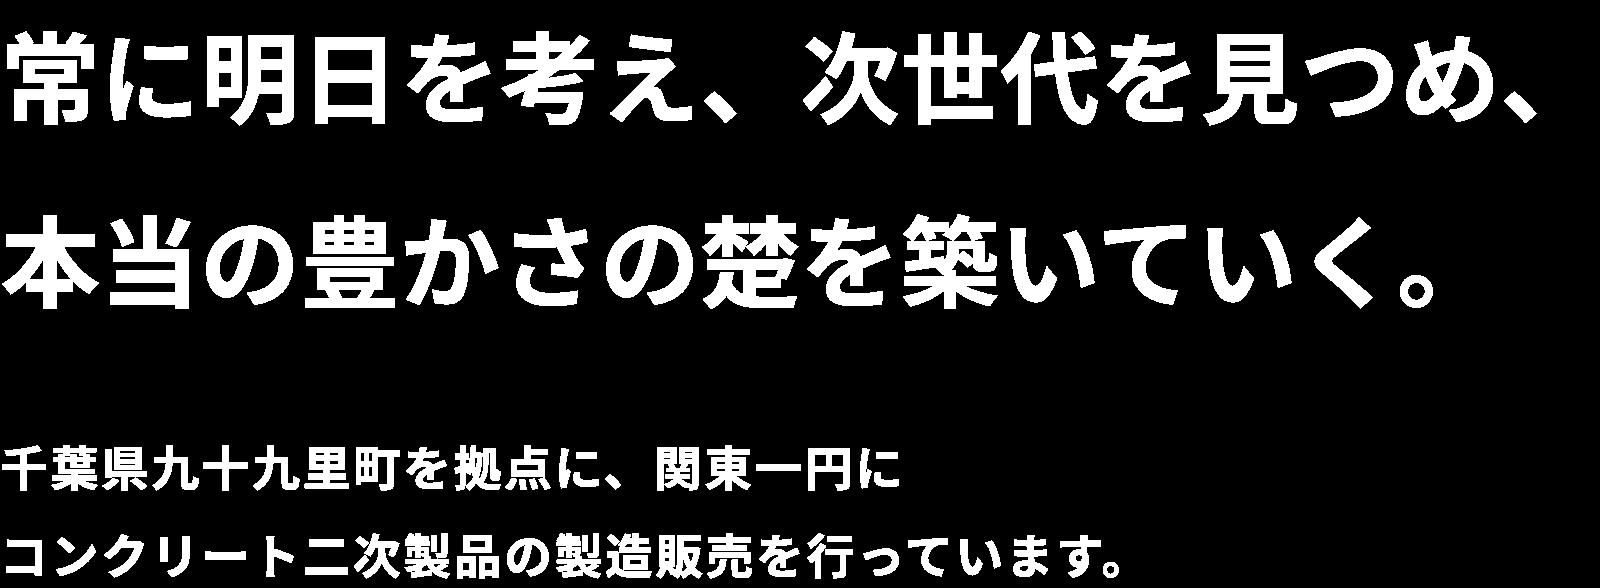 常に明日を考え、次世代を見つめ、本当の豊かさの楚を築いていく。千葉県九十九里町を拠点に、関東一円にコンクリート二次製品の製造販売を行っています。